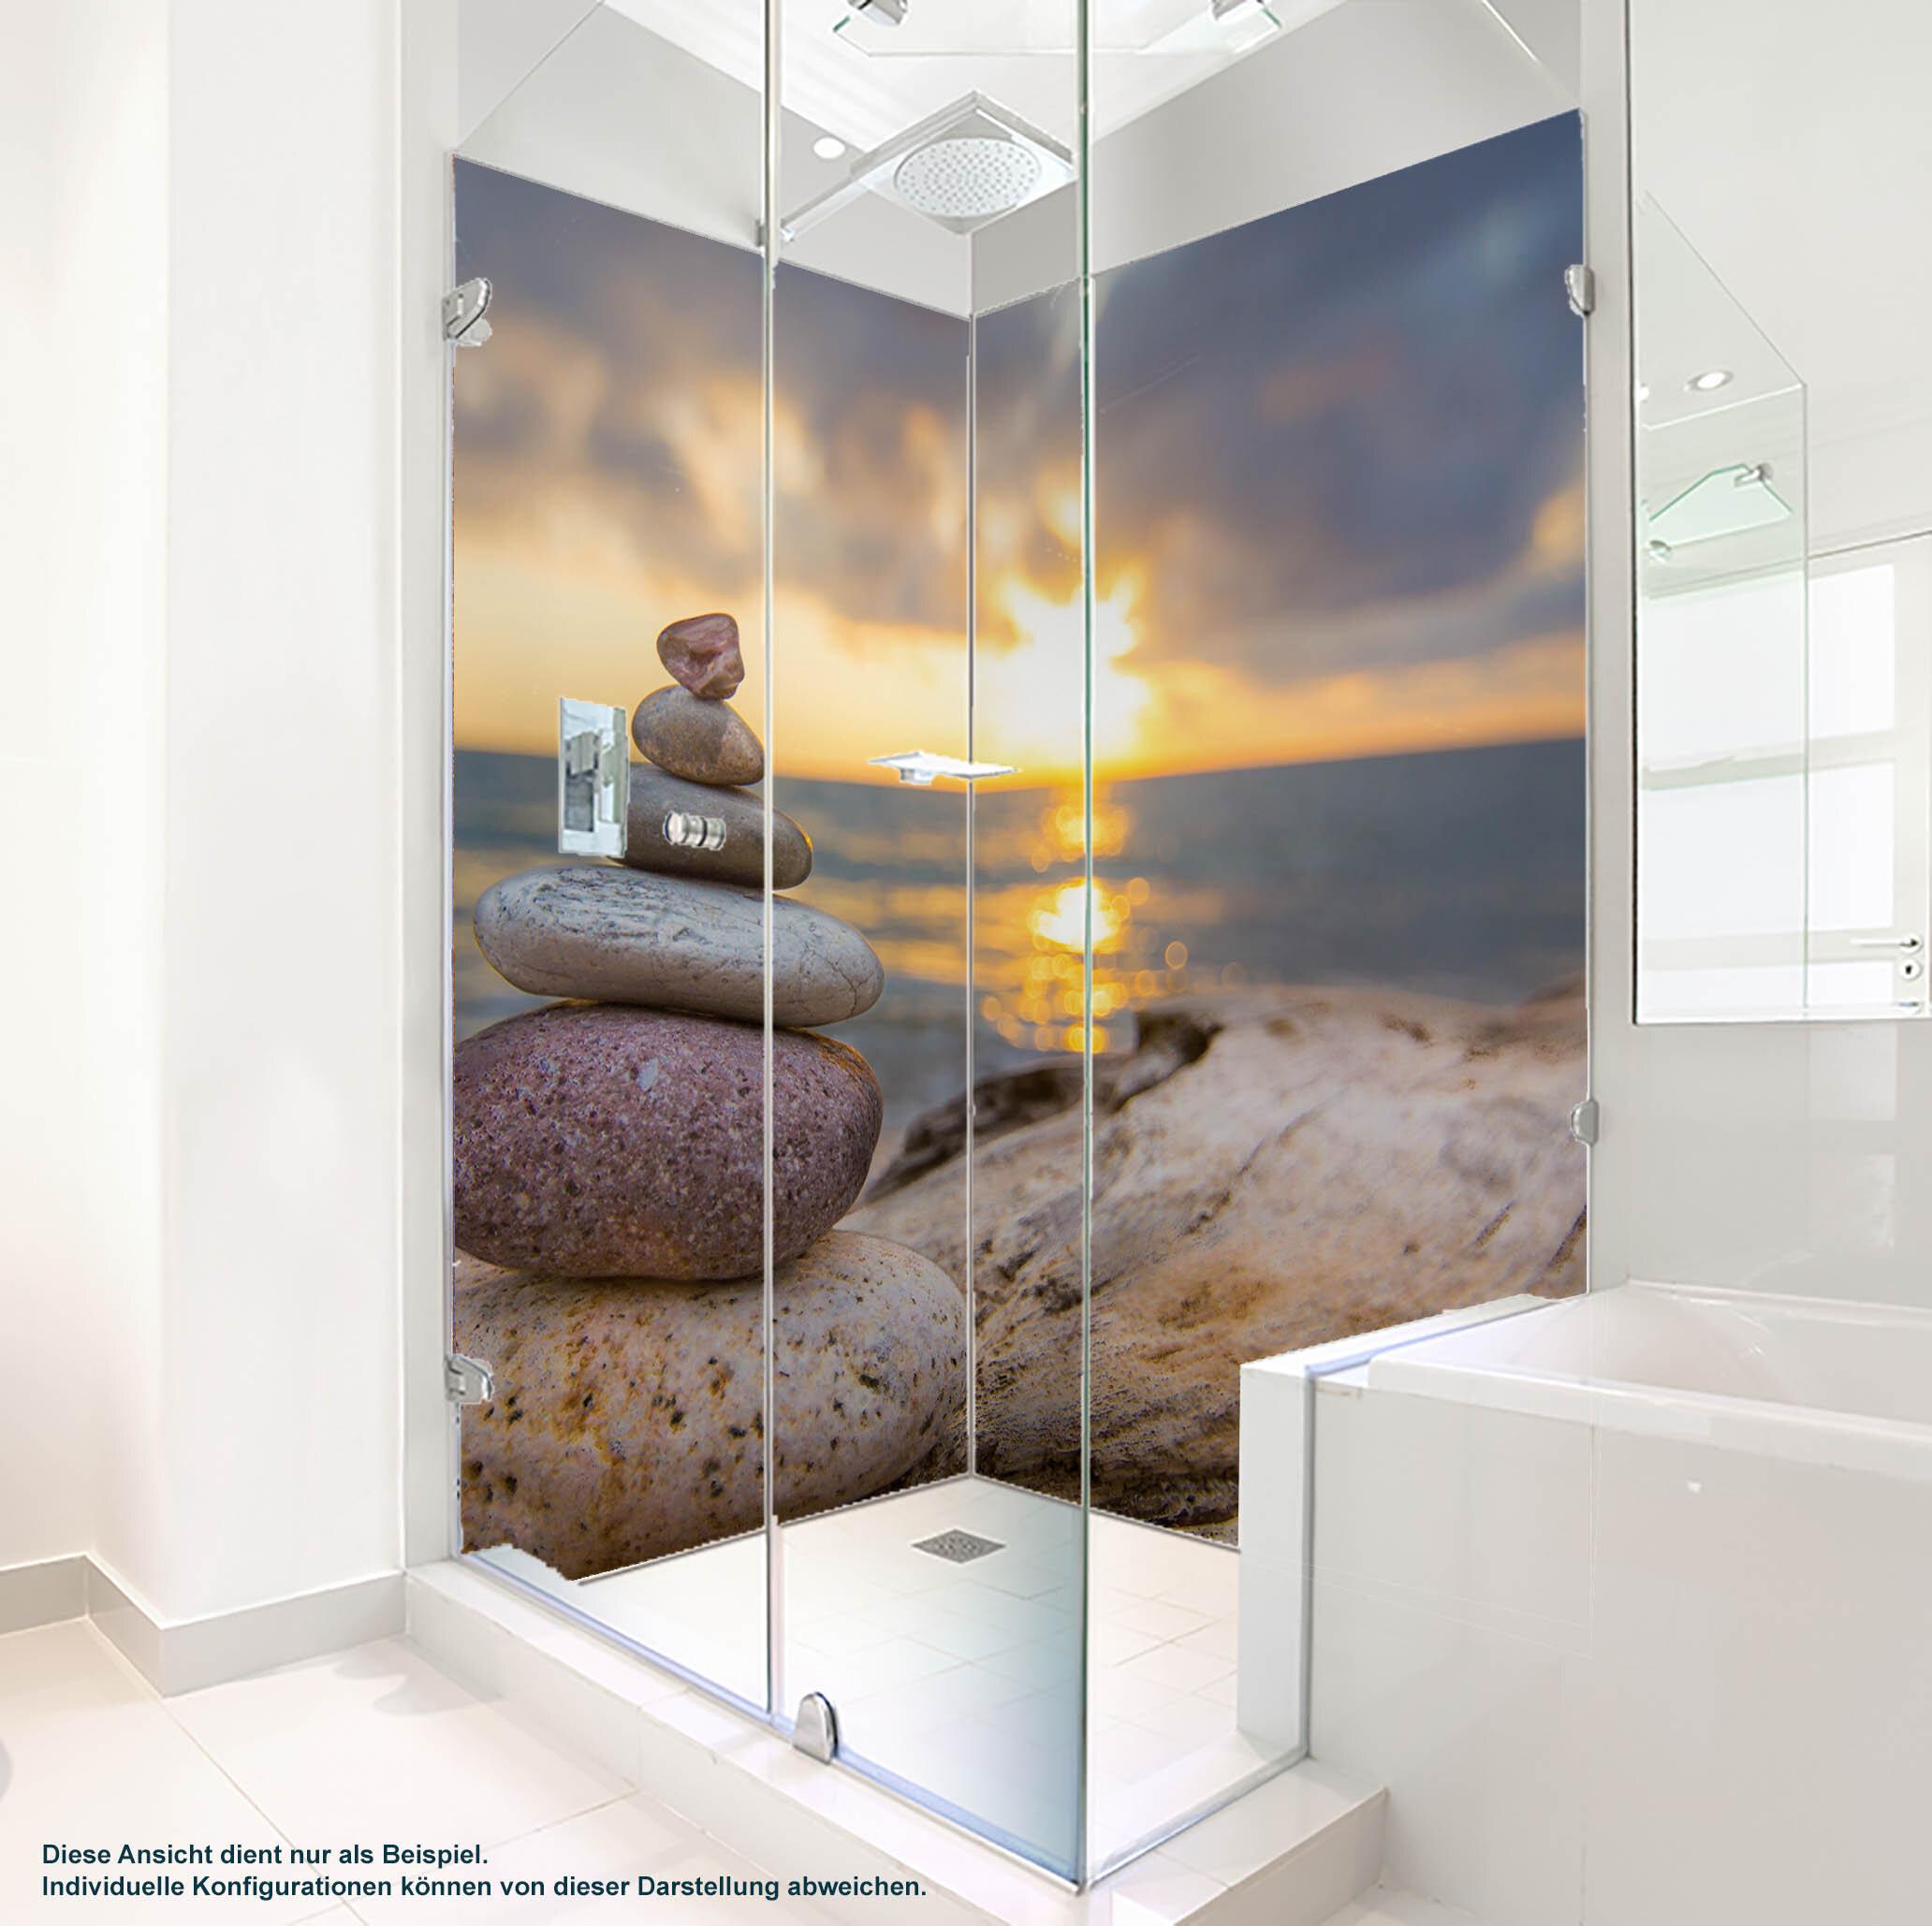 Dusche PlateART Duschrückwand mit Motiv Wellness Treibholz